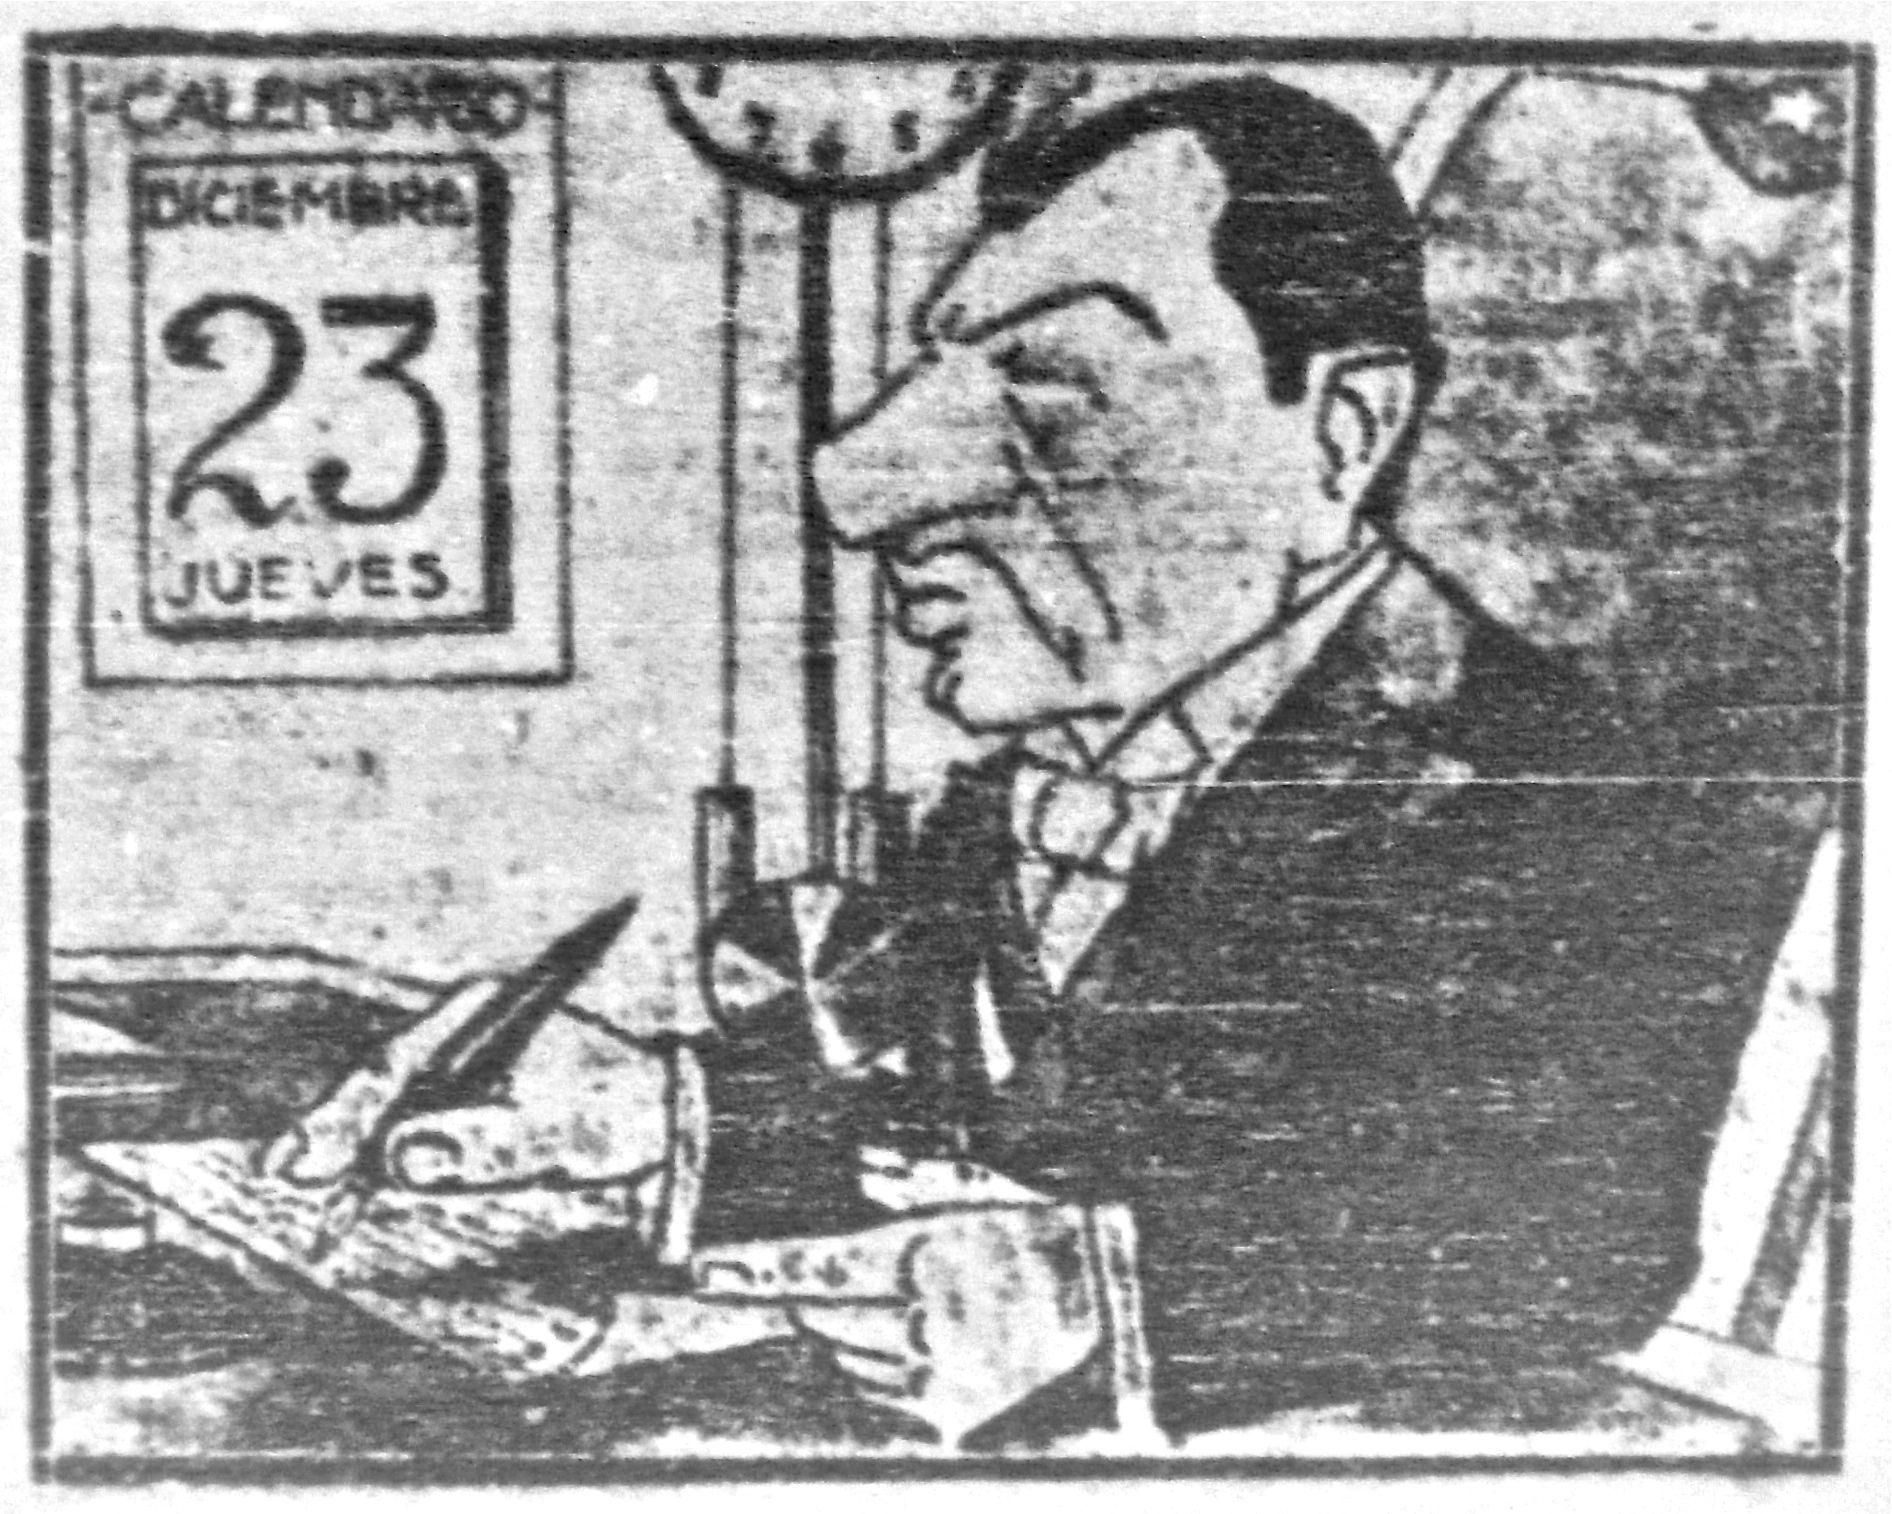 1921-08-01_LUN.Stgo; TDM_PrimeraPelicula (4foto_1de3)_25042013.jpg